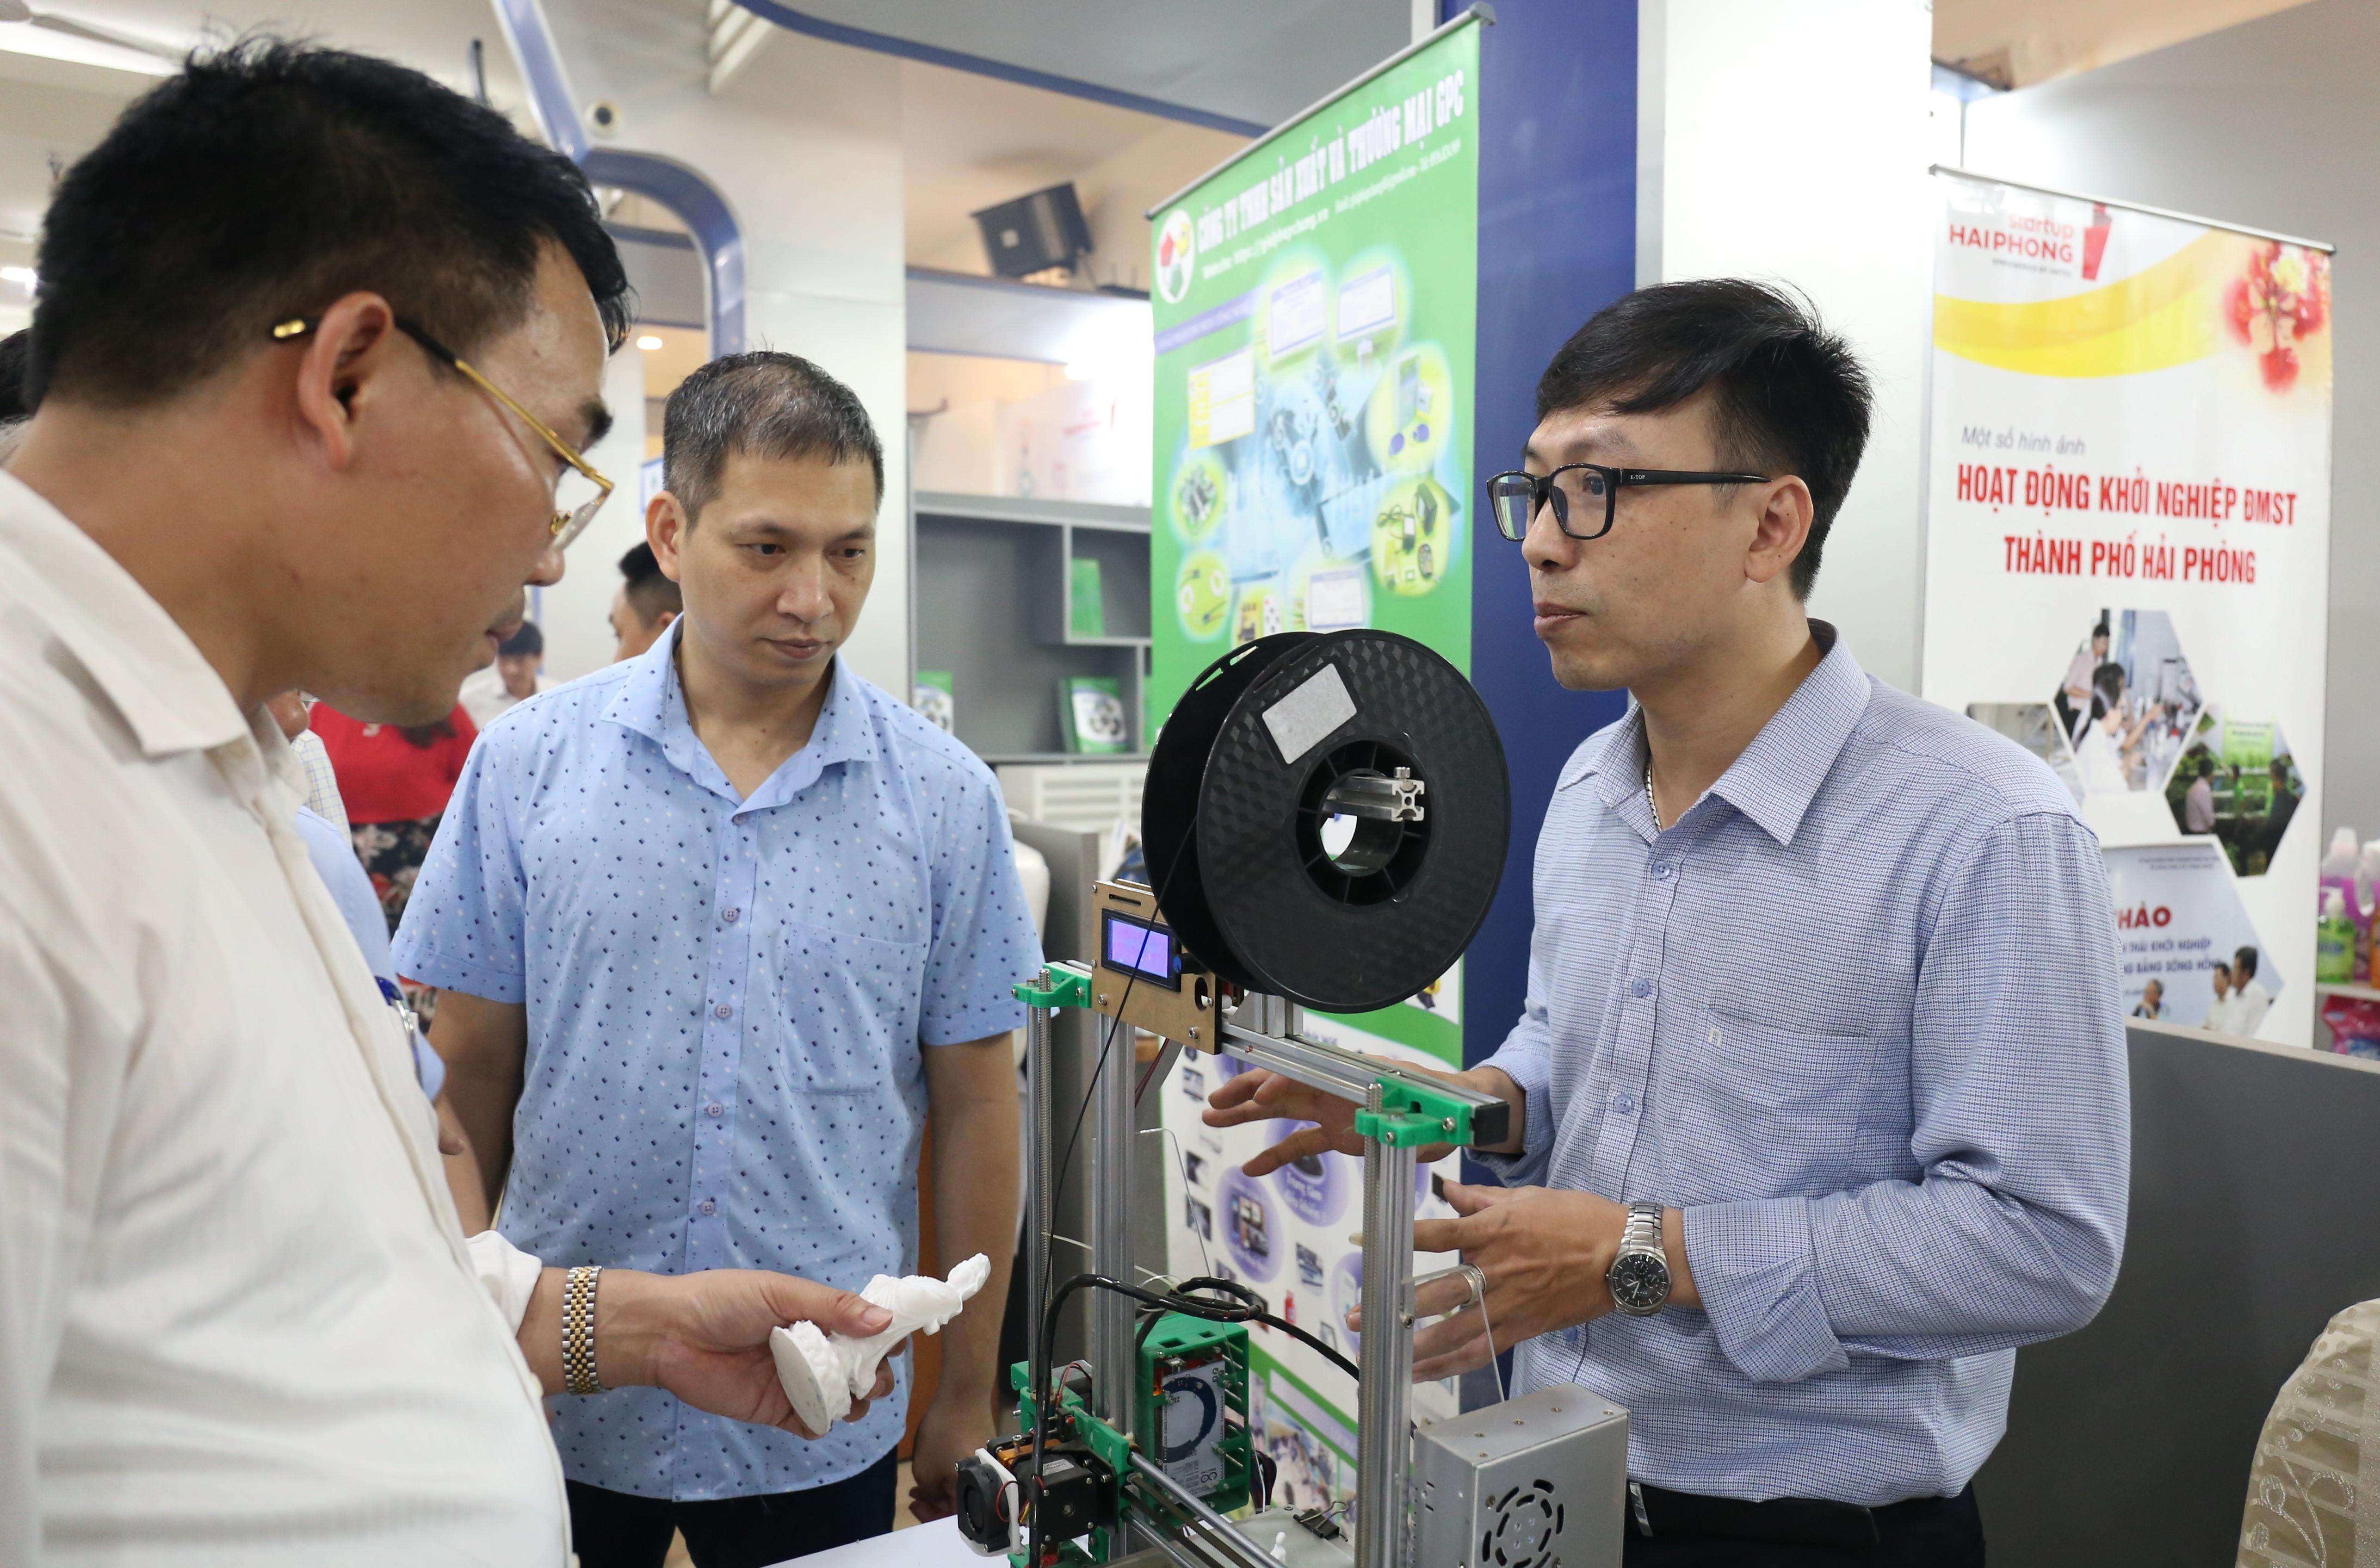 Các doanh nghiệp mang sản phẩm tới buổi khai trương điểm kết nối cung cầu tại Hải Phòng với mong muốn quảng bá sản phẩm và kết nối với các đối tác. Trong ảnh: Công ty TNHH sản xuất và thương mại GPC tại Hải Phòng giới thiệu sản phẩm in 3D với khách hàng. Ảnh: Hoàng Nam.